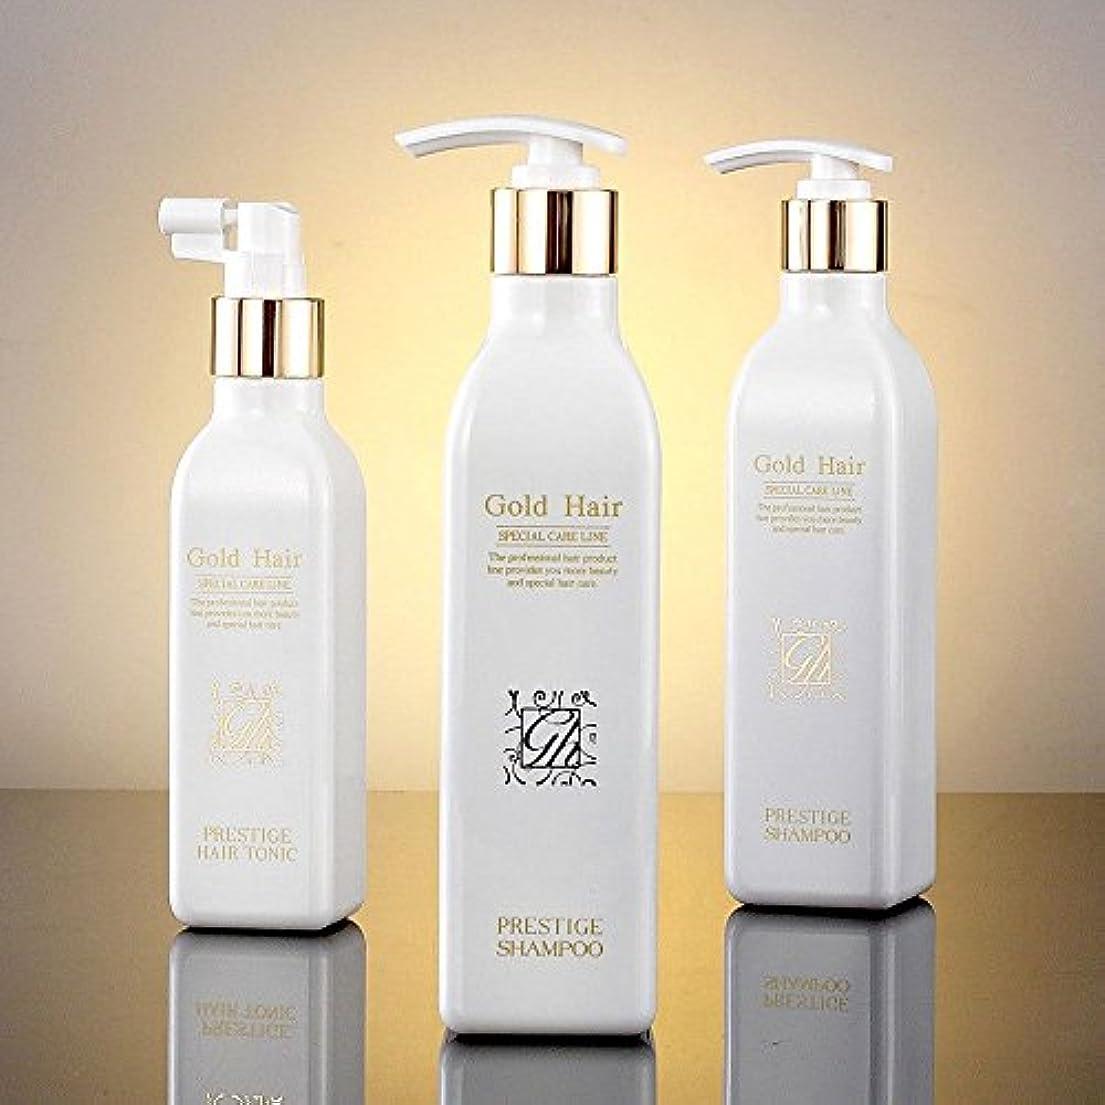 差し控えるメトロポリタンノートゴールドヘア育毛シャンプー2個&トニック1個 漢方シャンプー /Herbal Hair Loss Fast Regrowth Shampoo 100% Natural Patented Set of 3(2 shampoo...